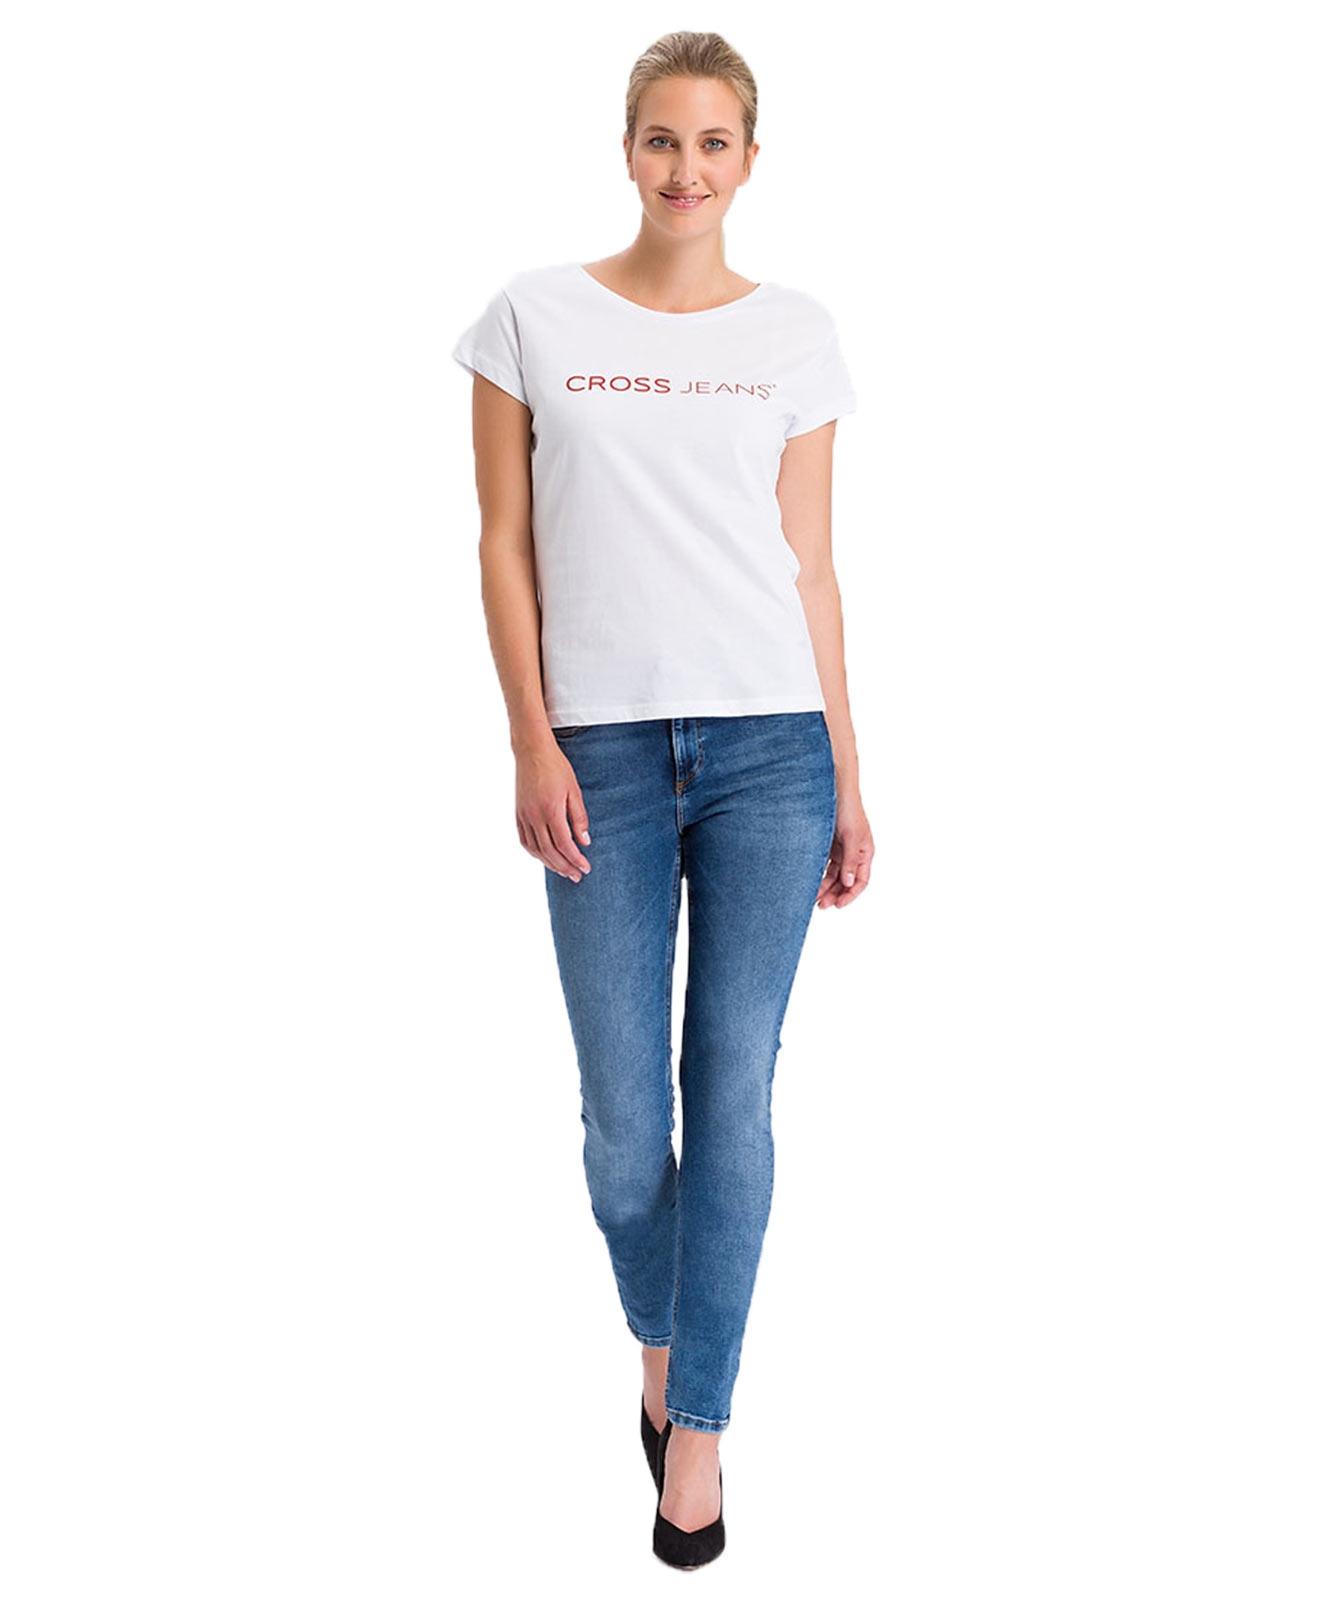 Hosen für Frauen - Cross Jeans Natalia mittelblaue High Waist Jeans  - Onlineshop Jeans Meile